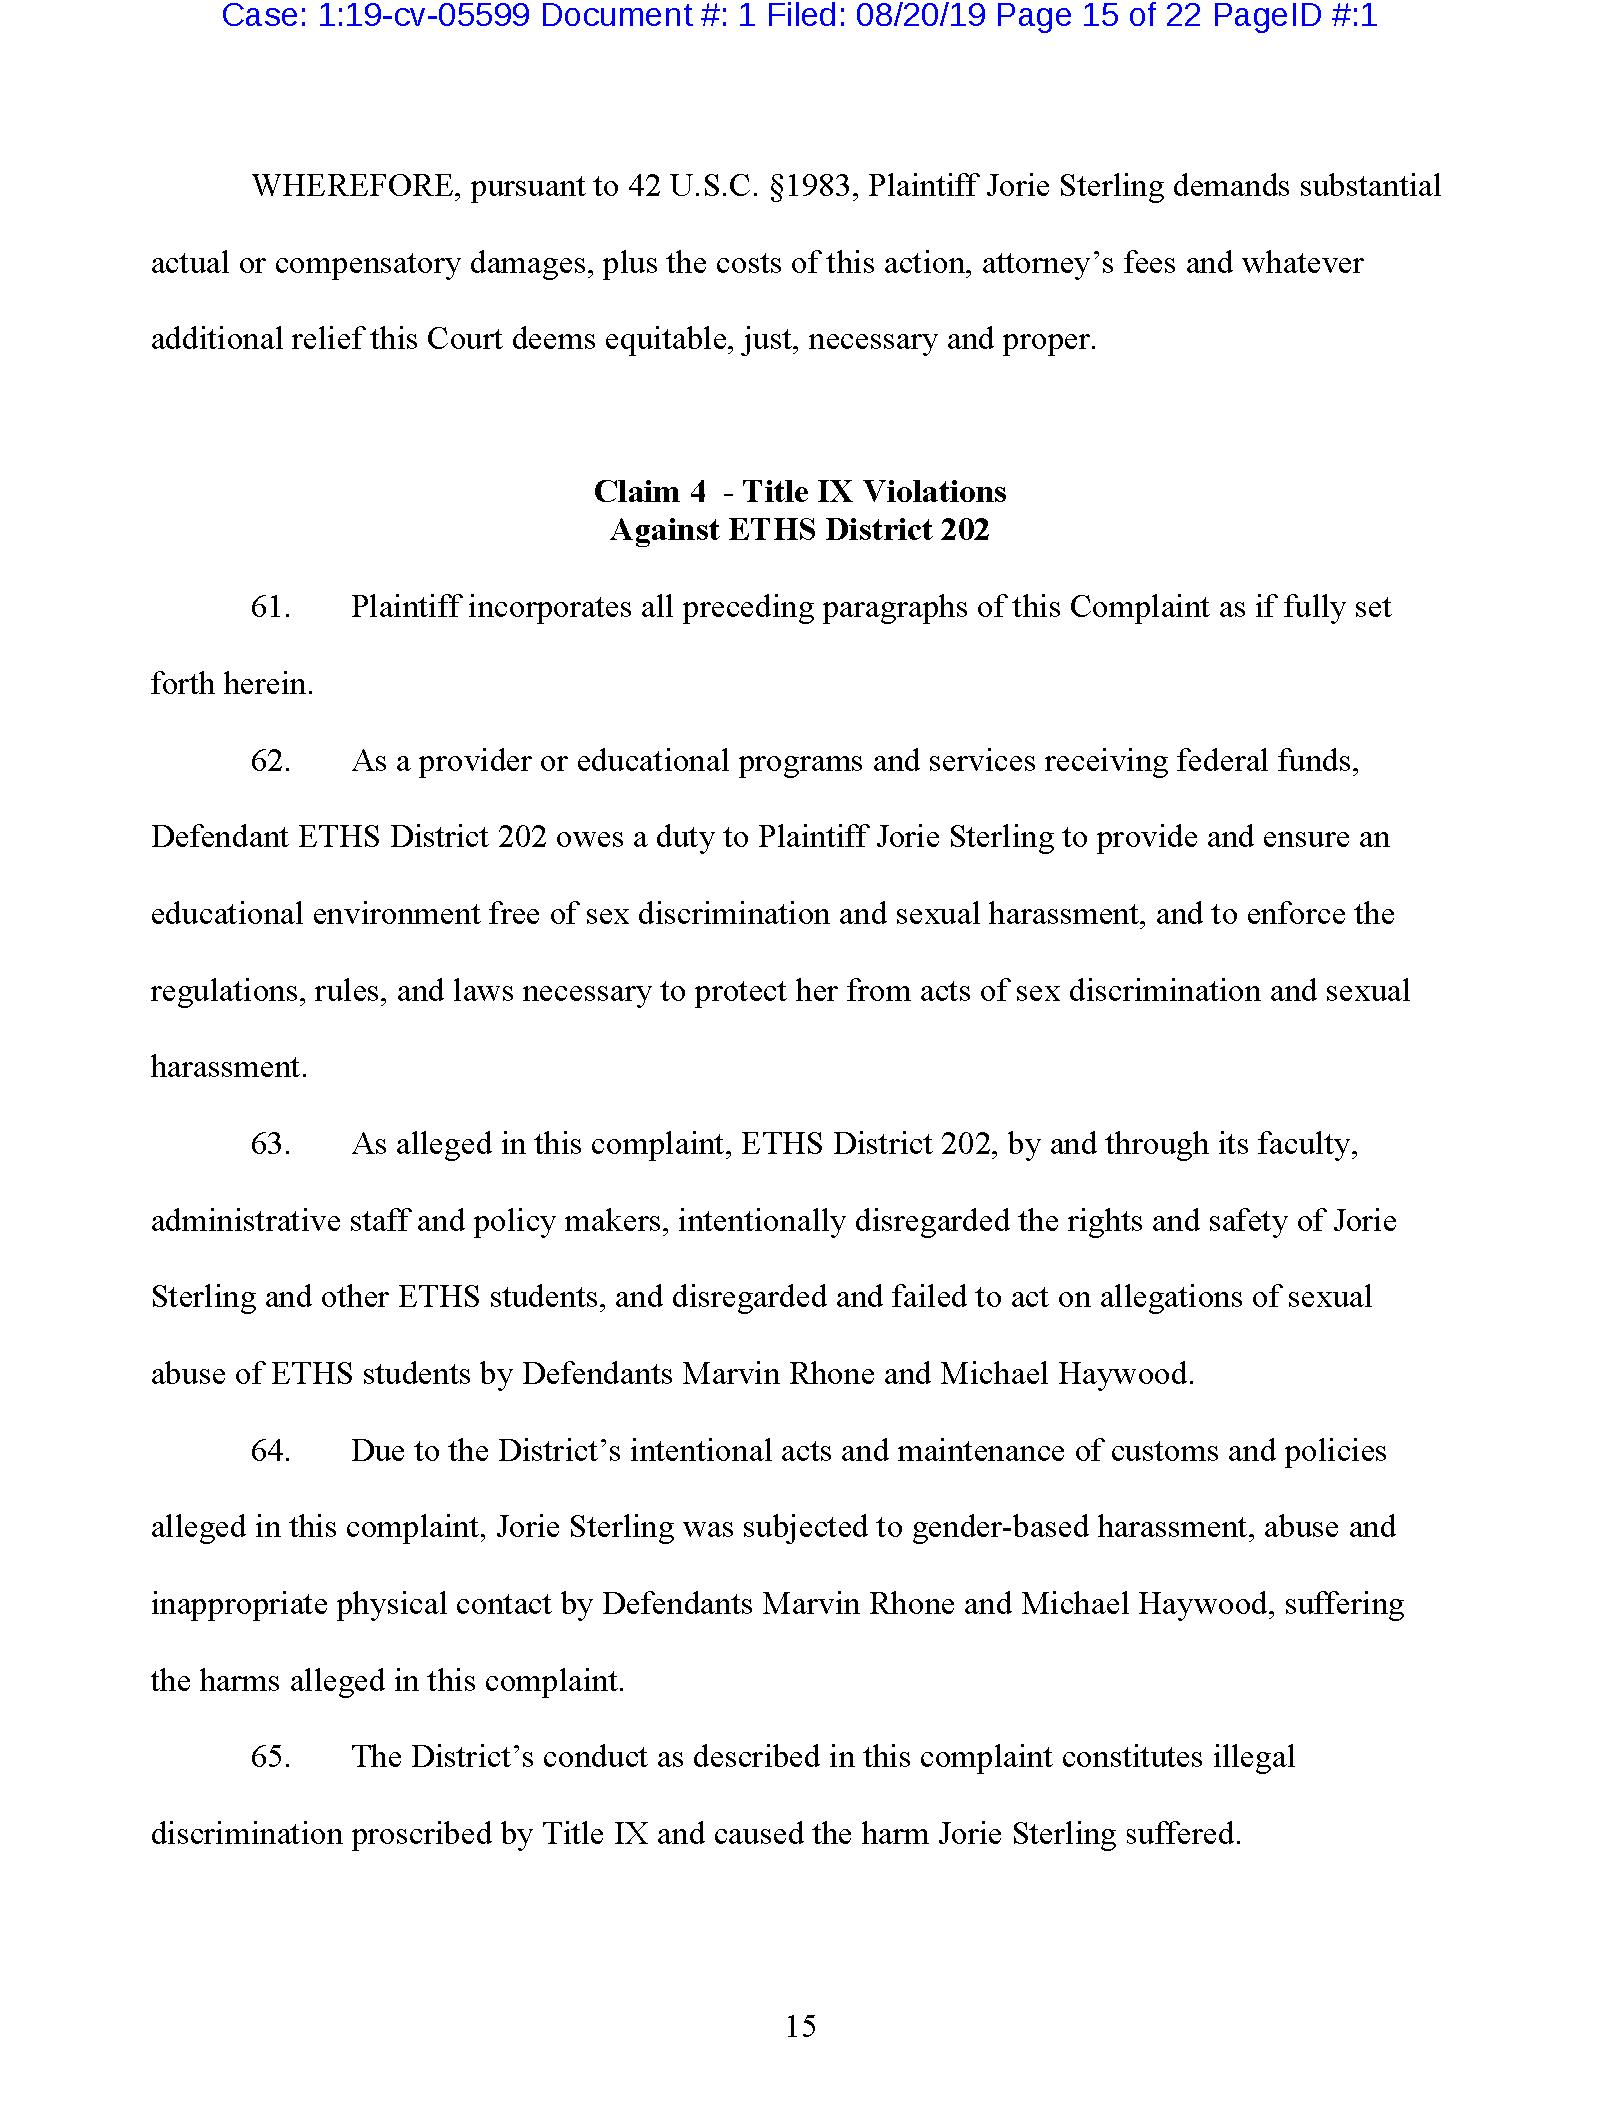 Copy of Complaint0115.png